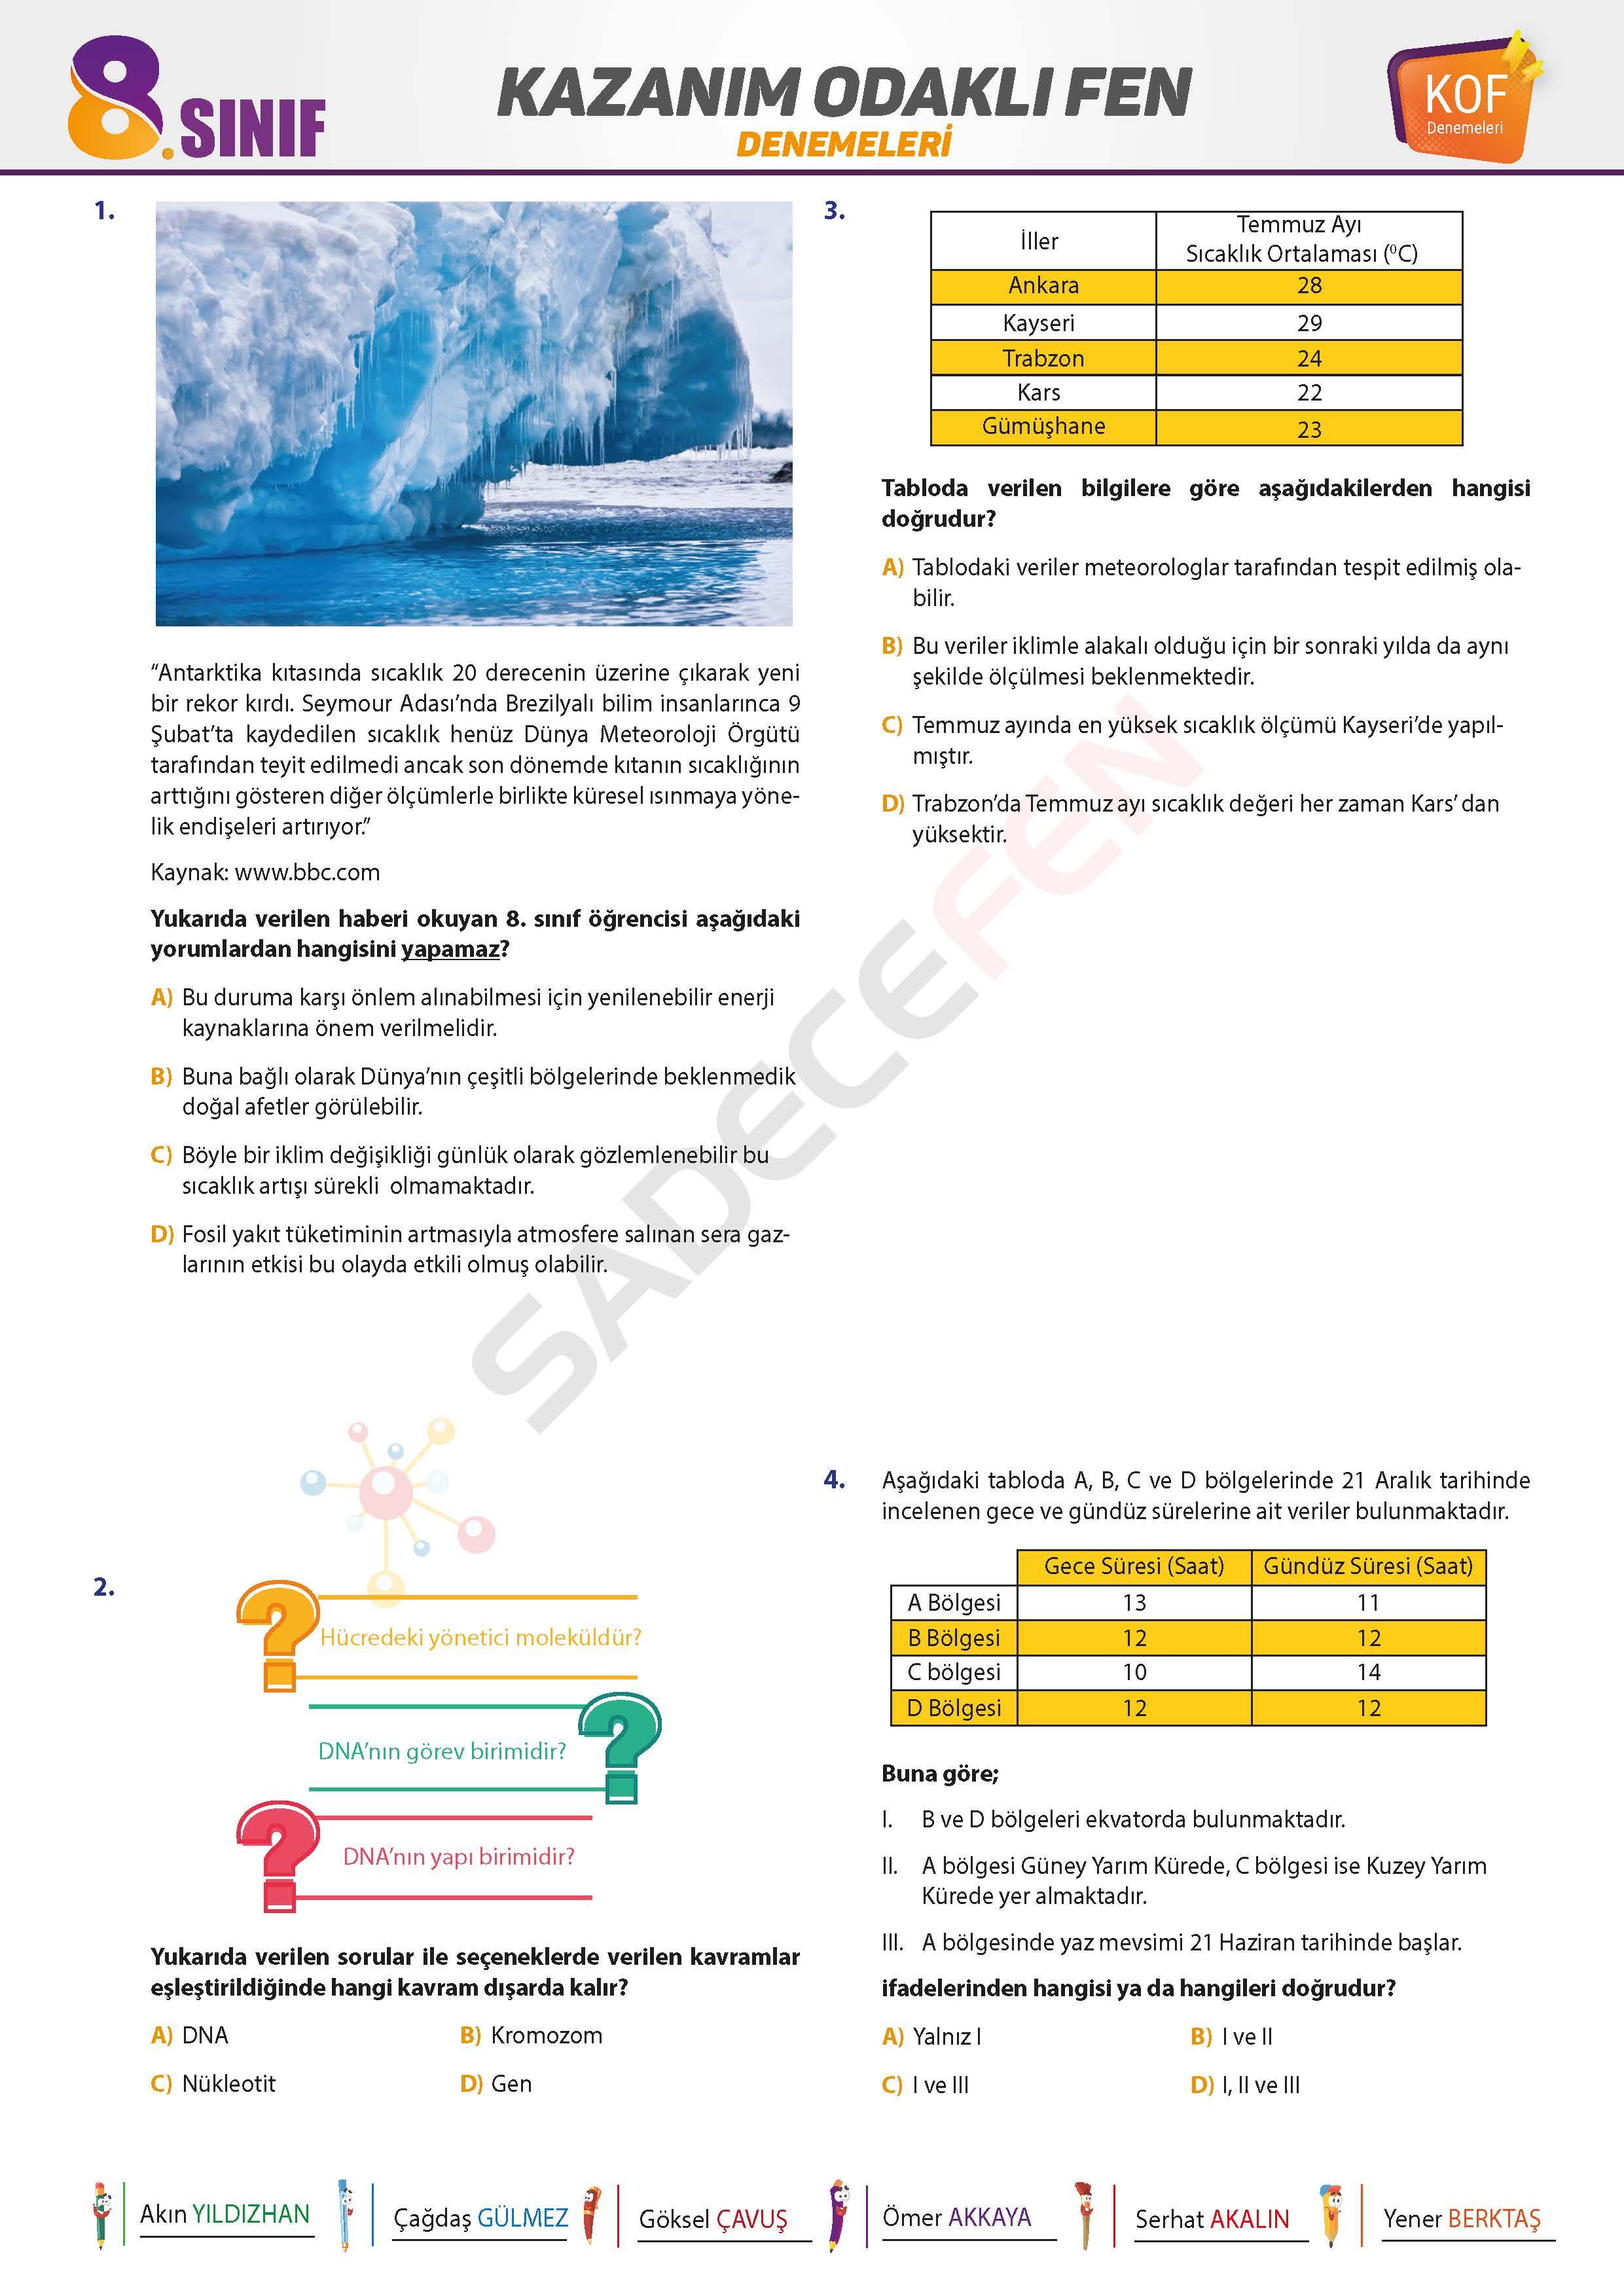 8. Sınıf LGS Fen Bilimleri Denemesi 2